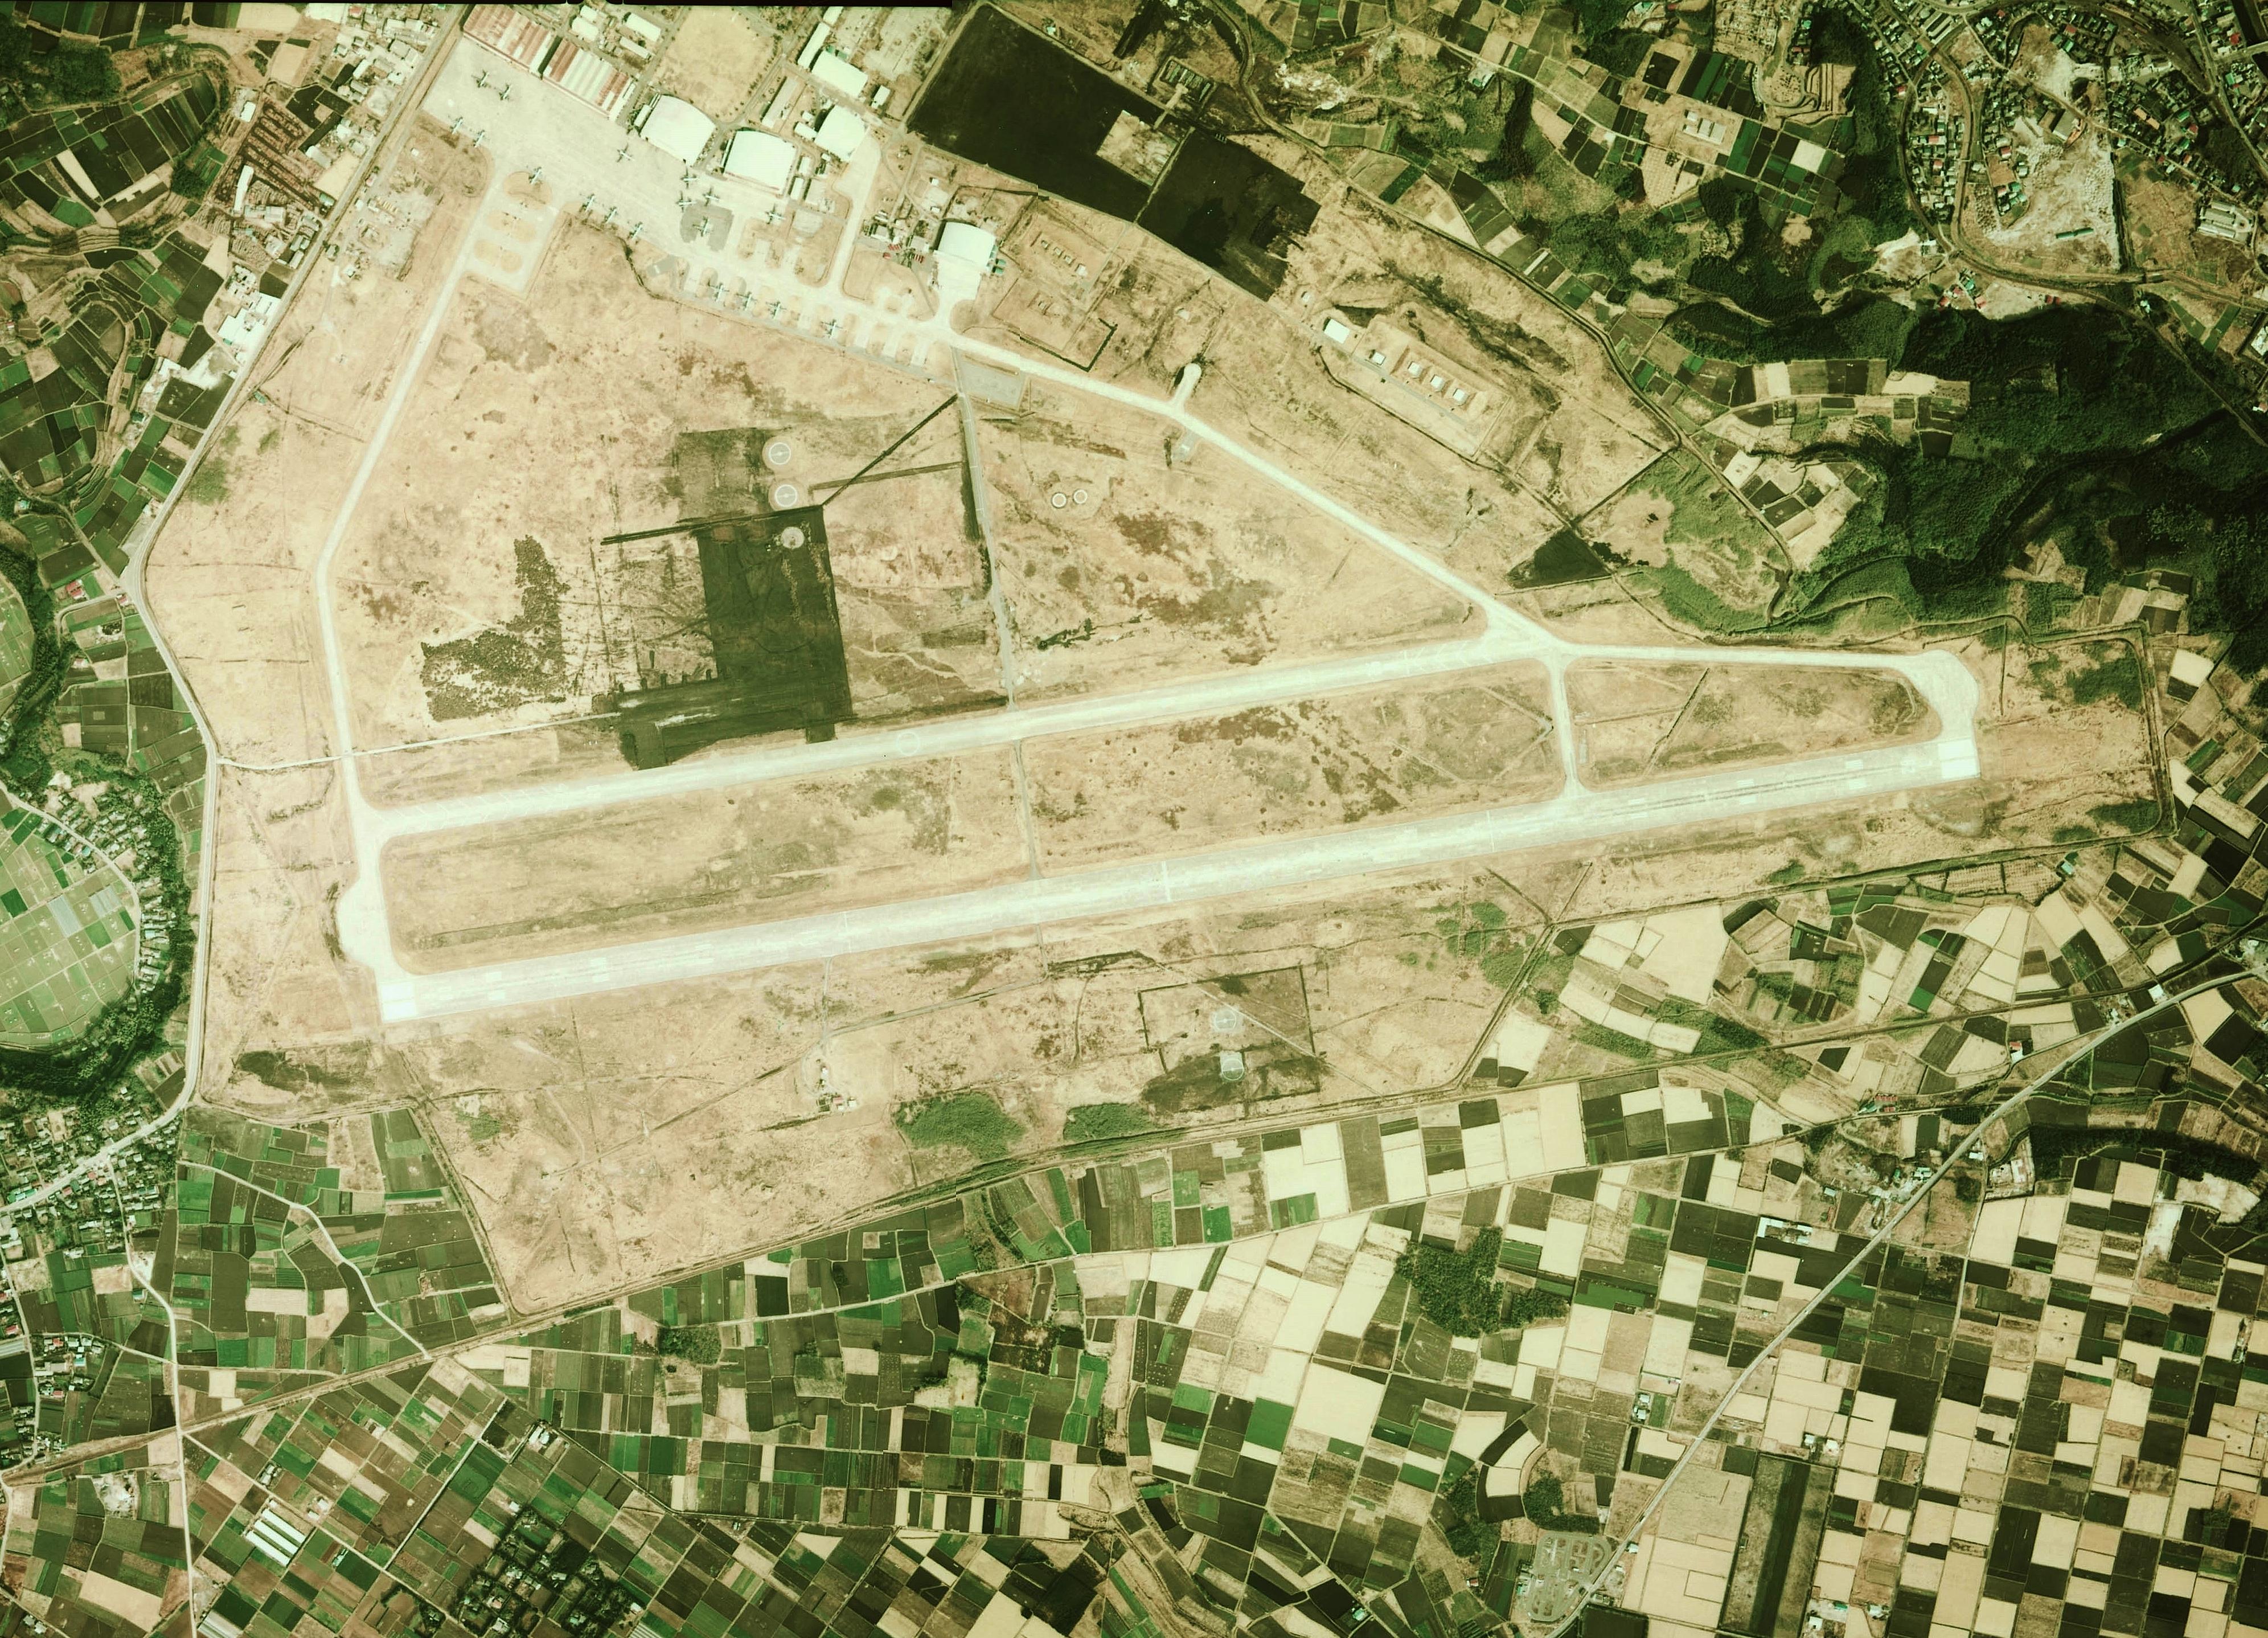 鹿屋航空基地 - Kanoya Air Field